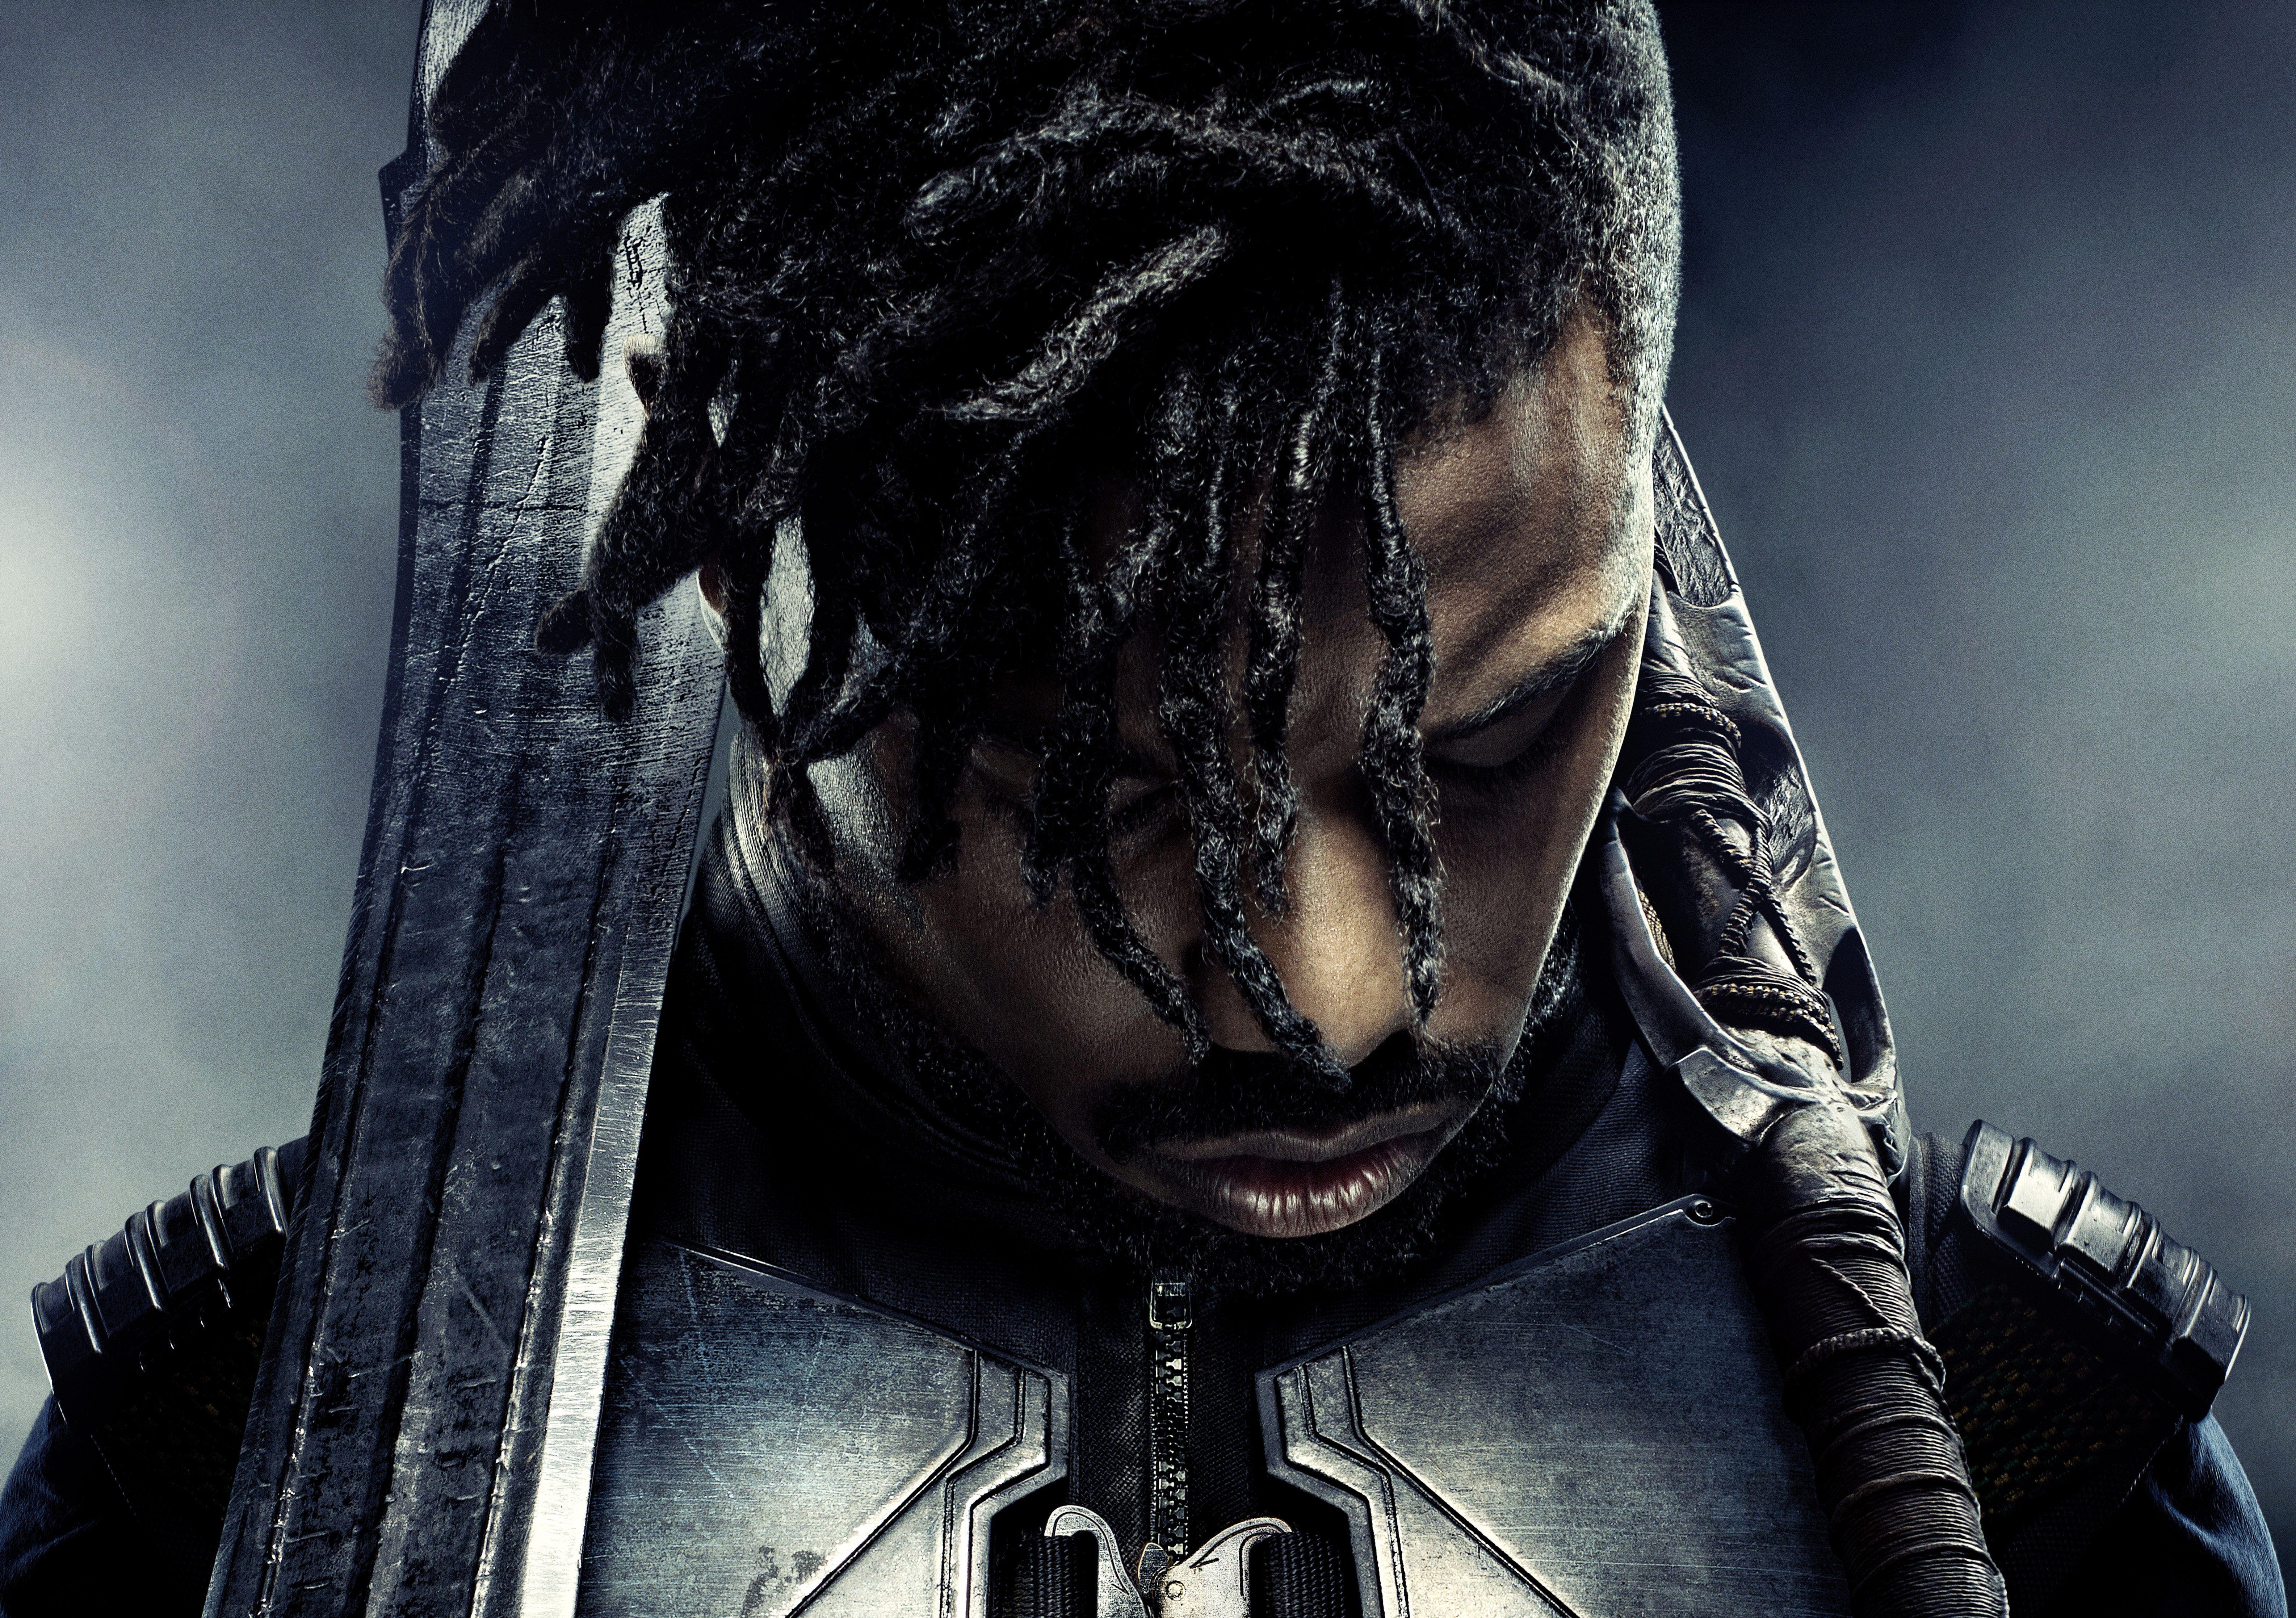 Movie Black Panther Black Hair Black Panther Movie Erik Killmonger Michael B Jordan Swor Black Panther Hd Wallpaper Black Panther Images Black Panther Art